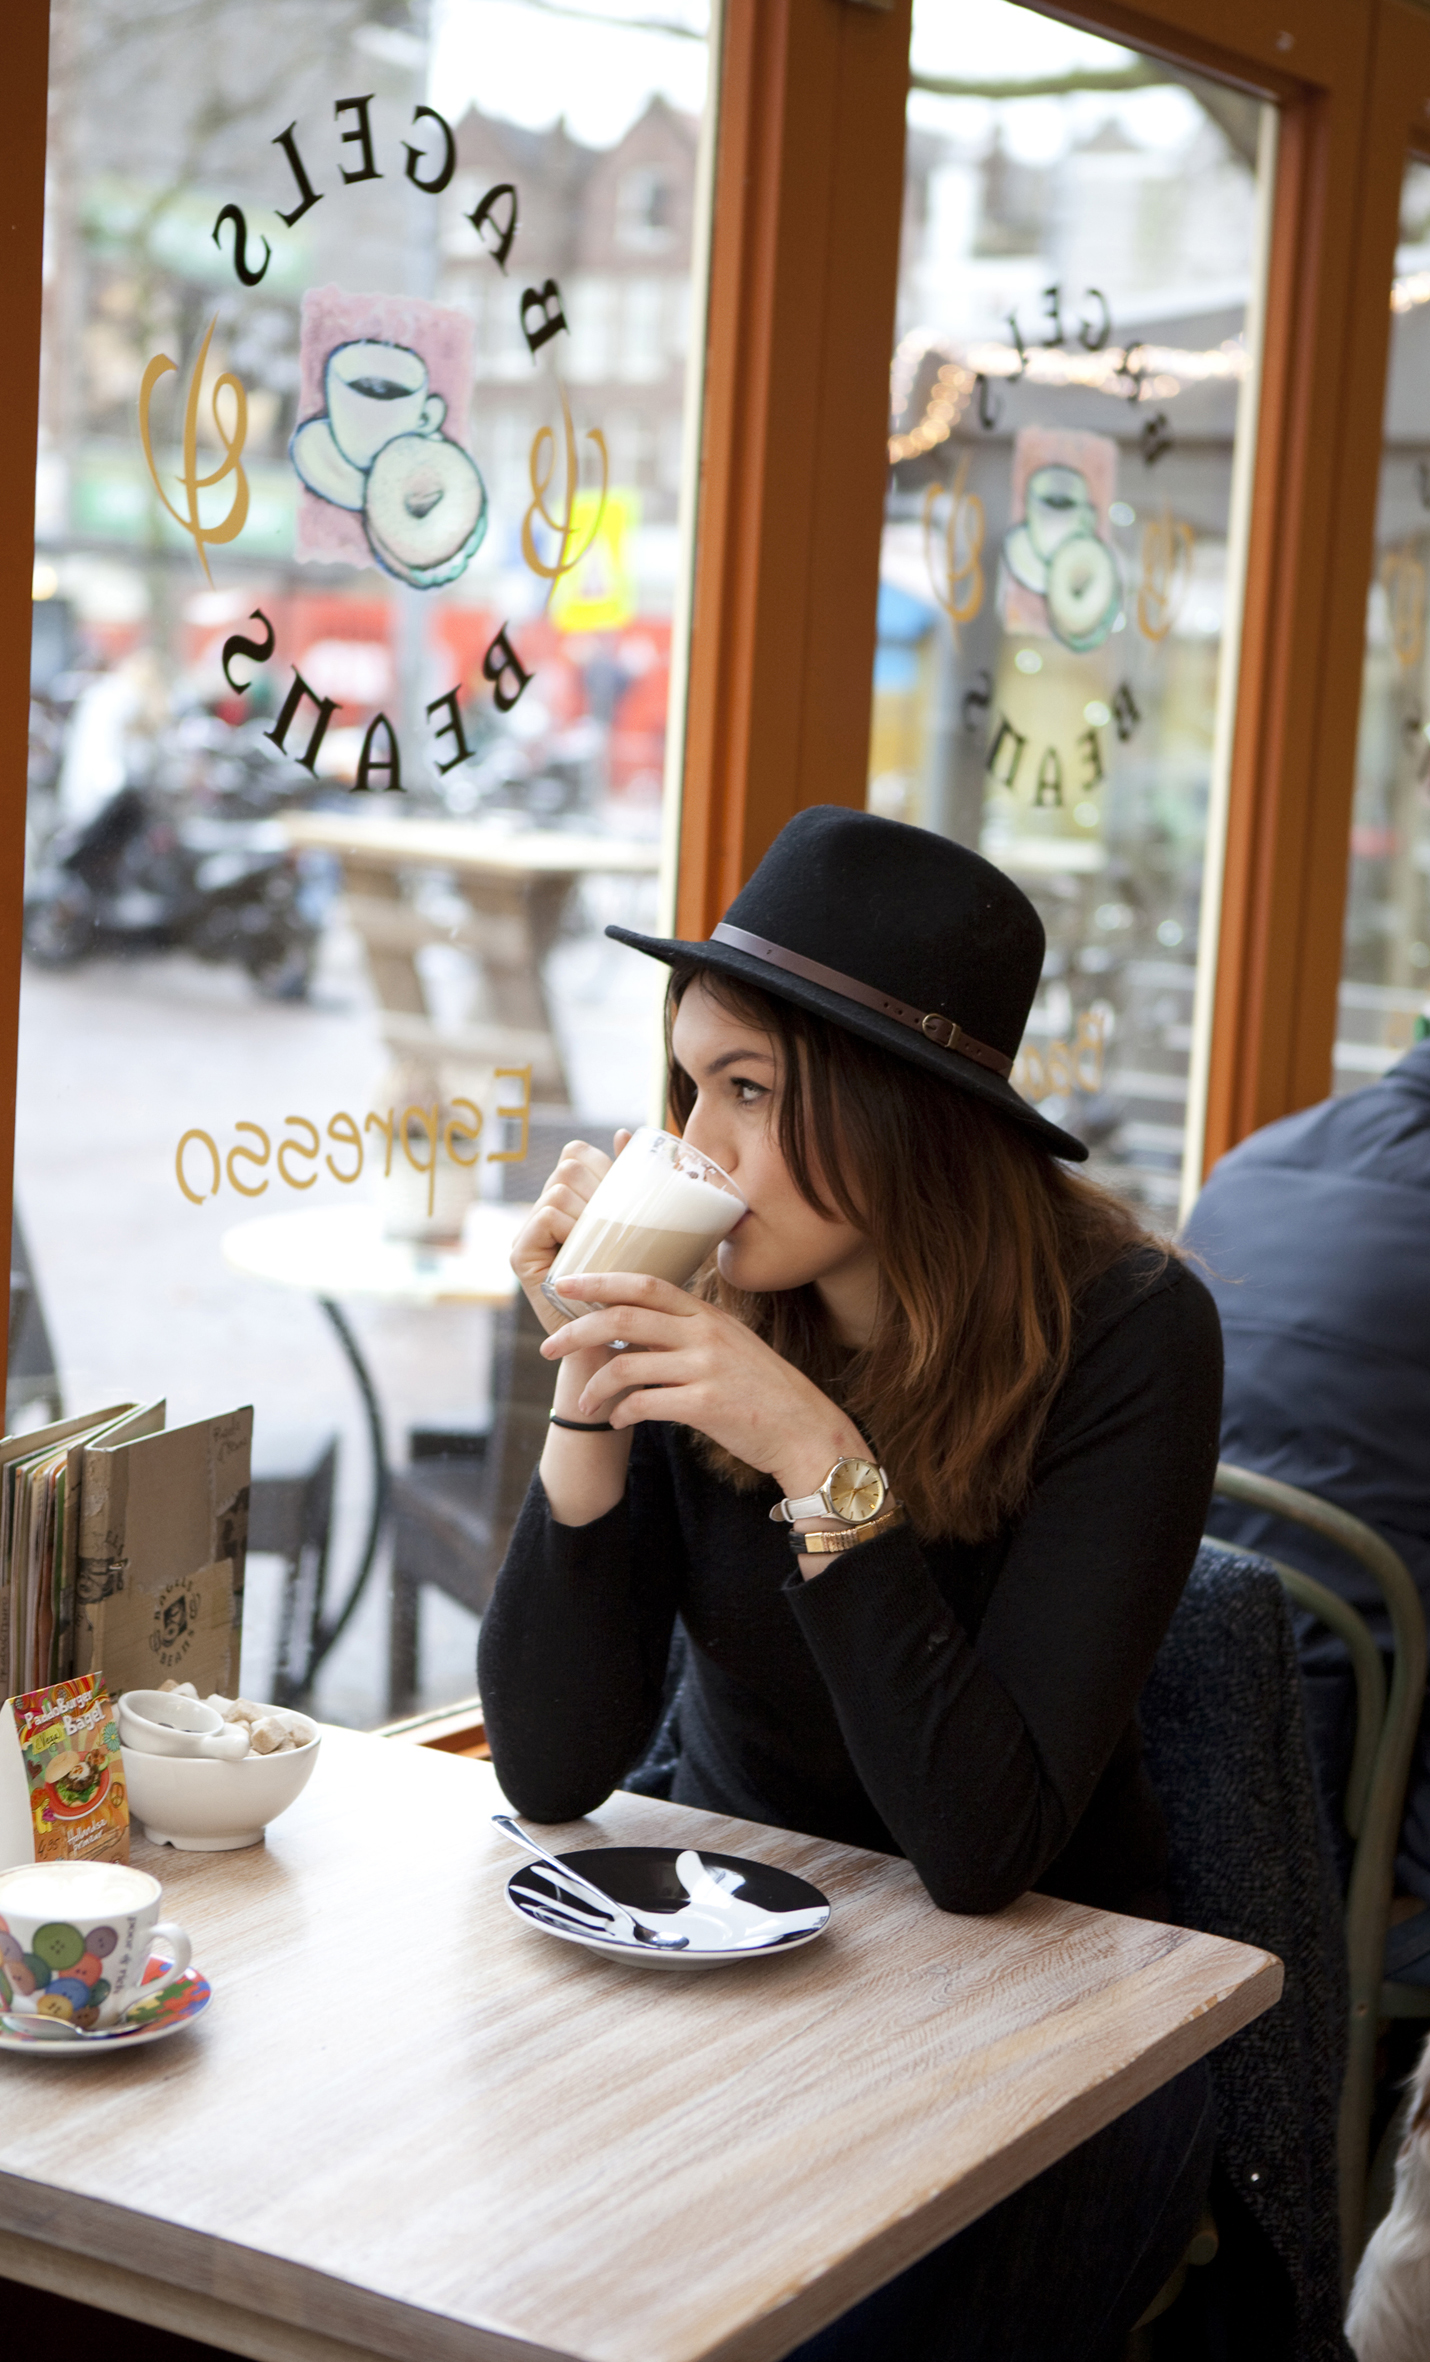 Bagels & Beans is een eigentijds horecaconcept dat in 1996 startte aan de Ferdinand Bolstraat in de Amsterdamse Pijp. Bron: FranchiseFormules.NL